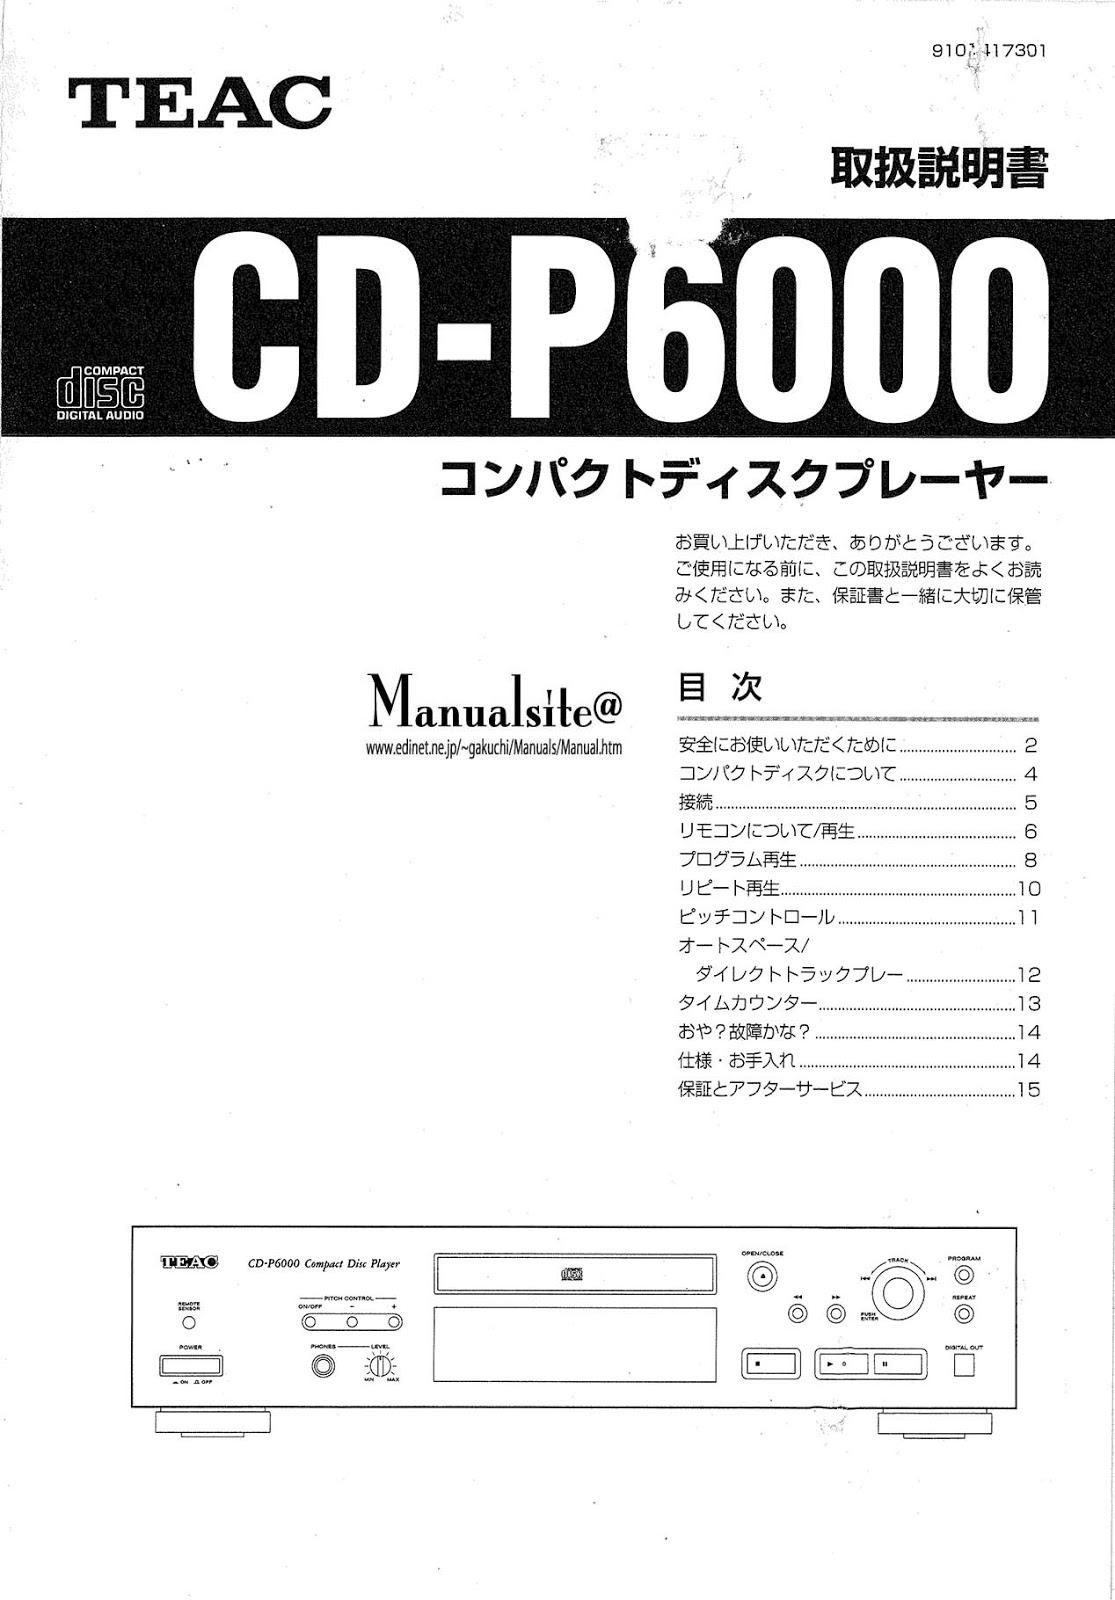 マニュアルサイト詳細館: CD-P6000